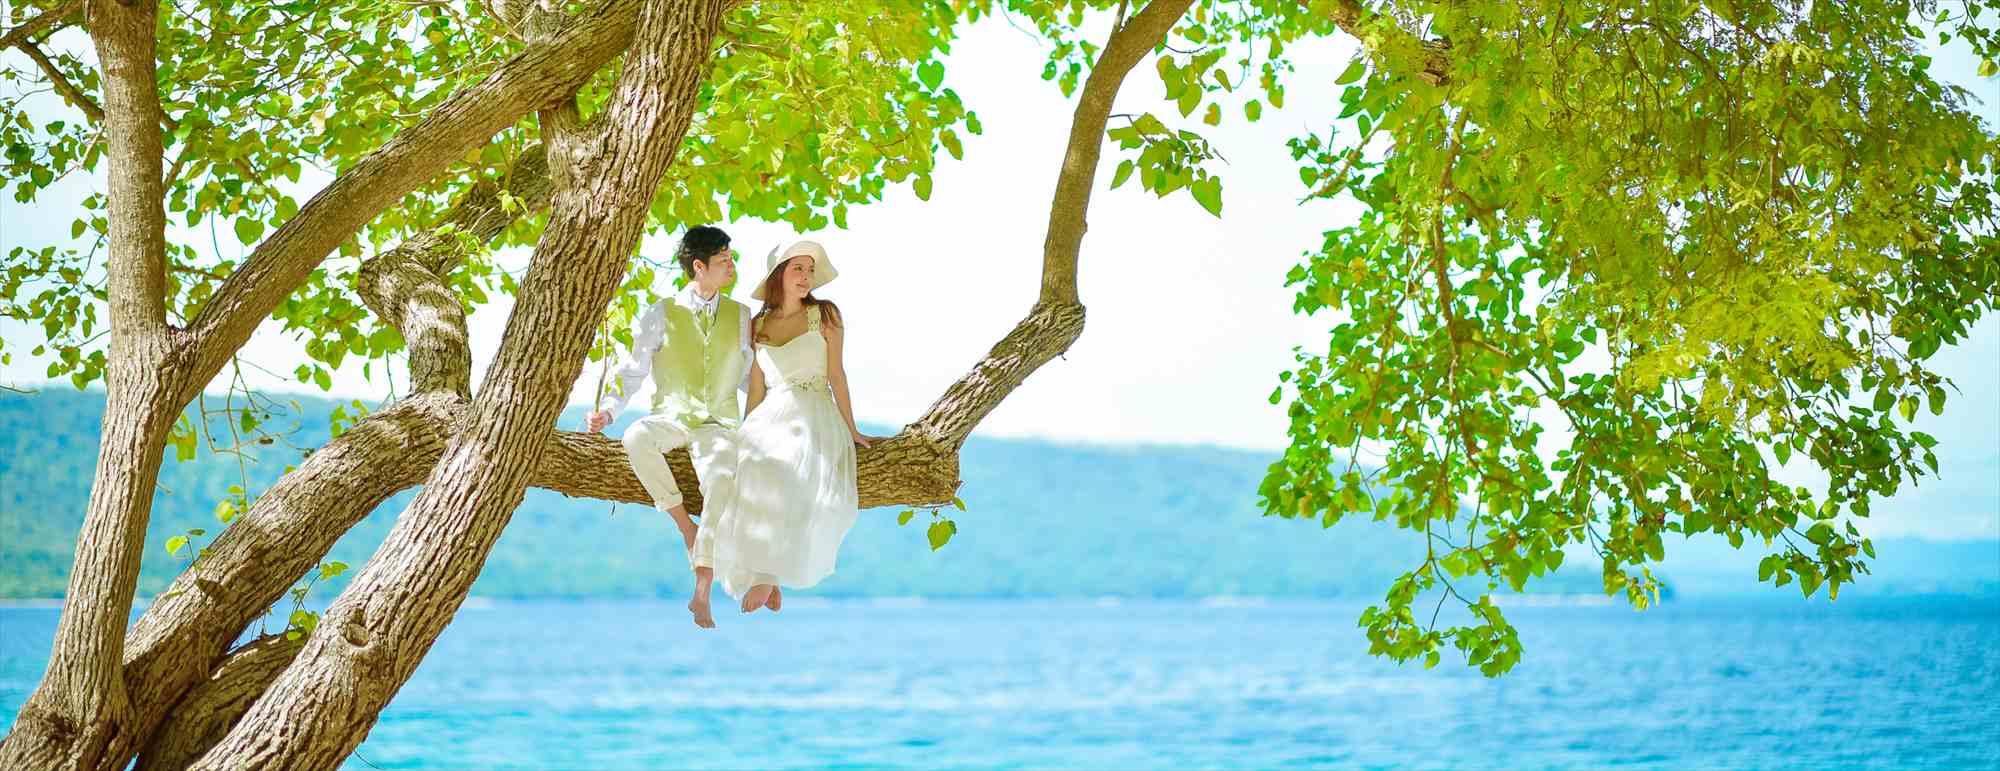 モヨ島ビーチ・ウェディング アマンワナ ビーチ挙式 Amanwana Beach Wedding